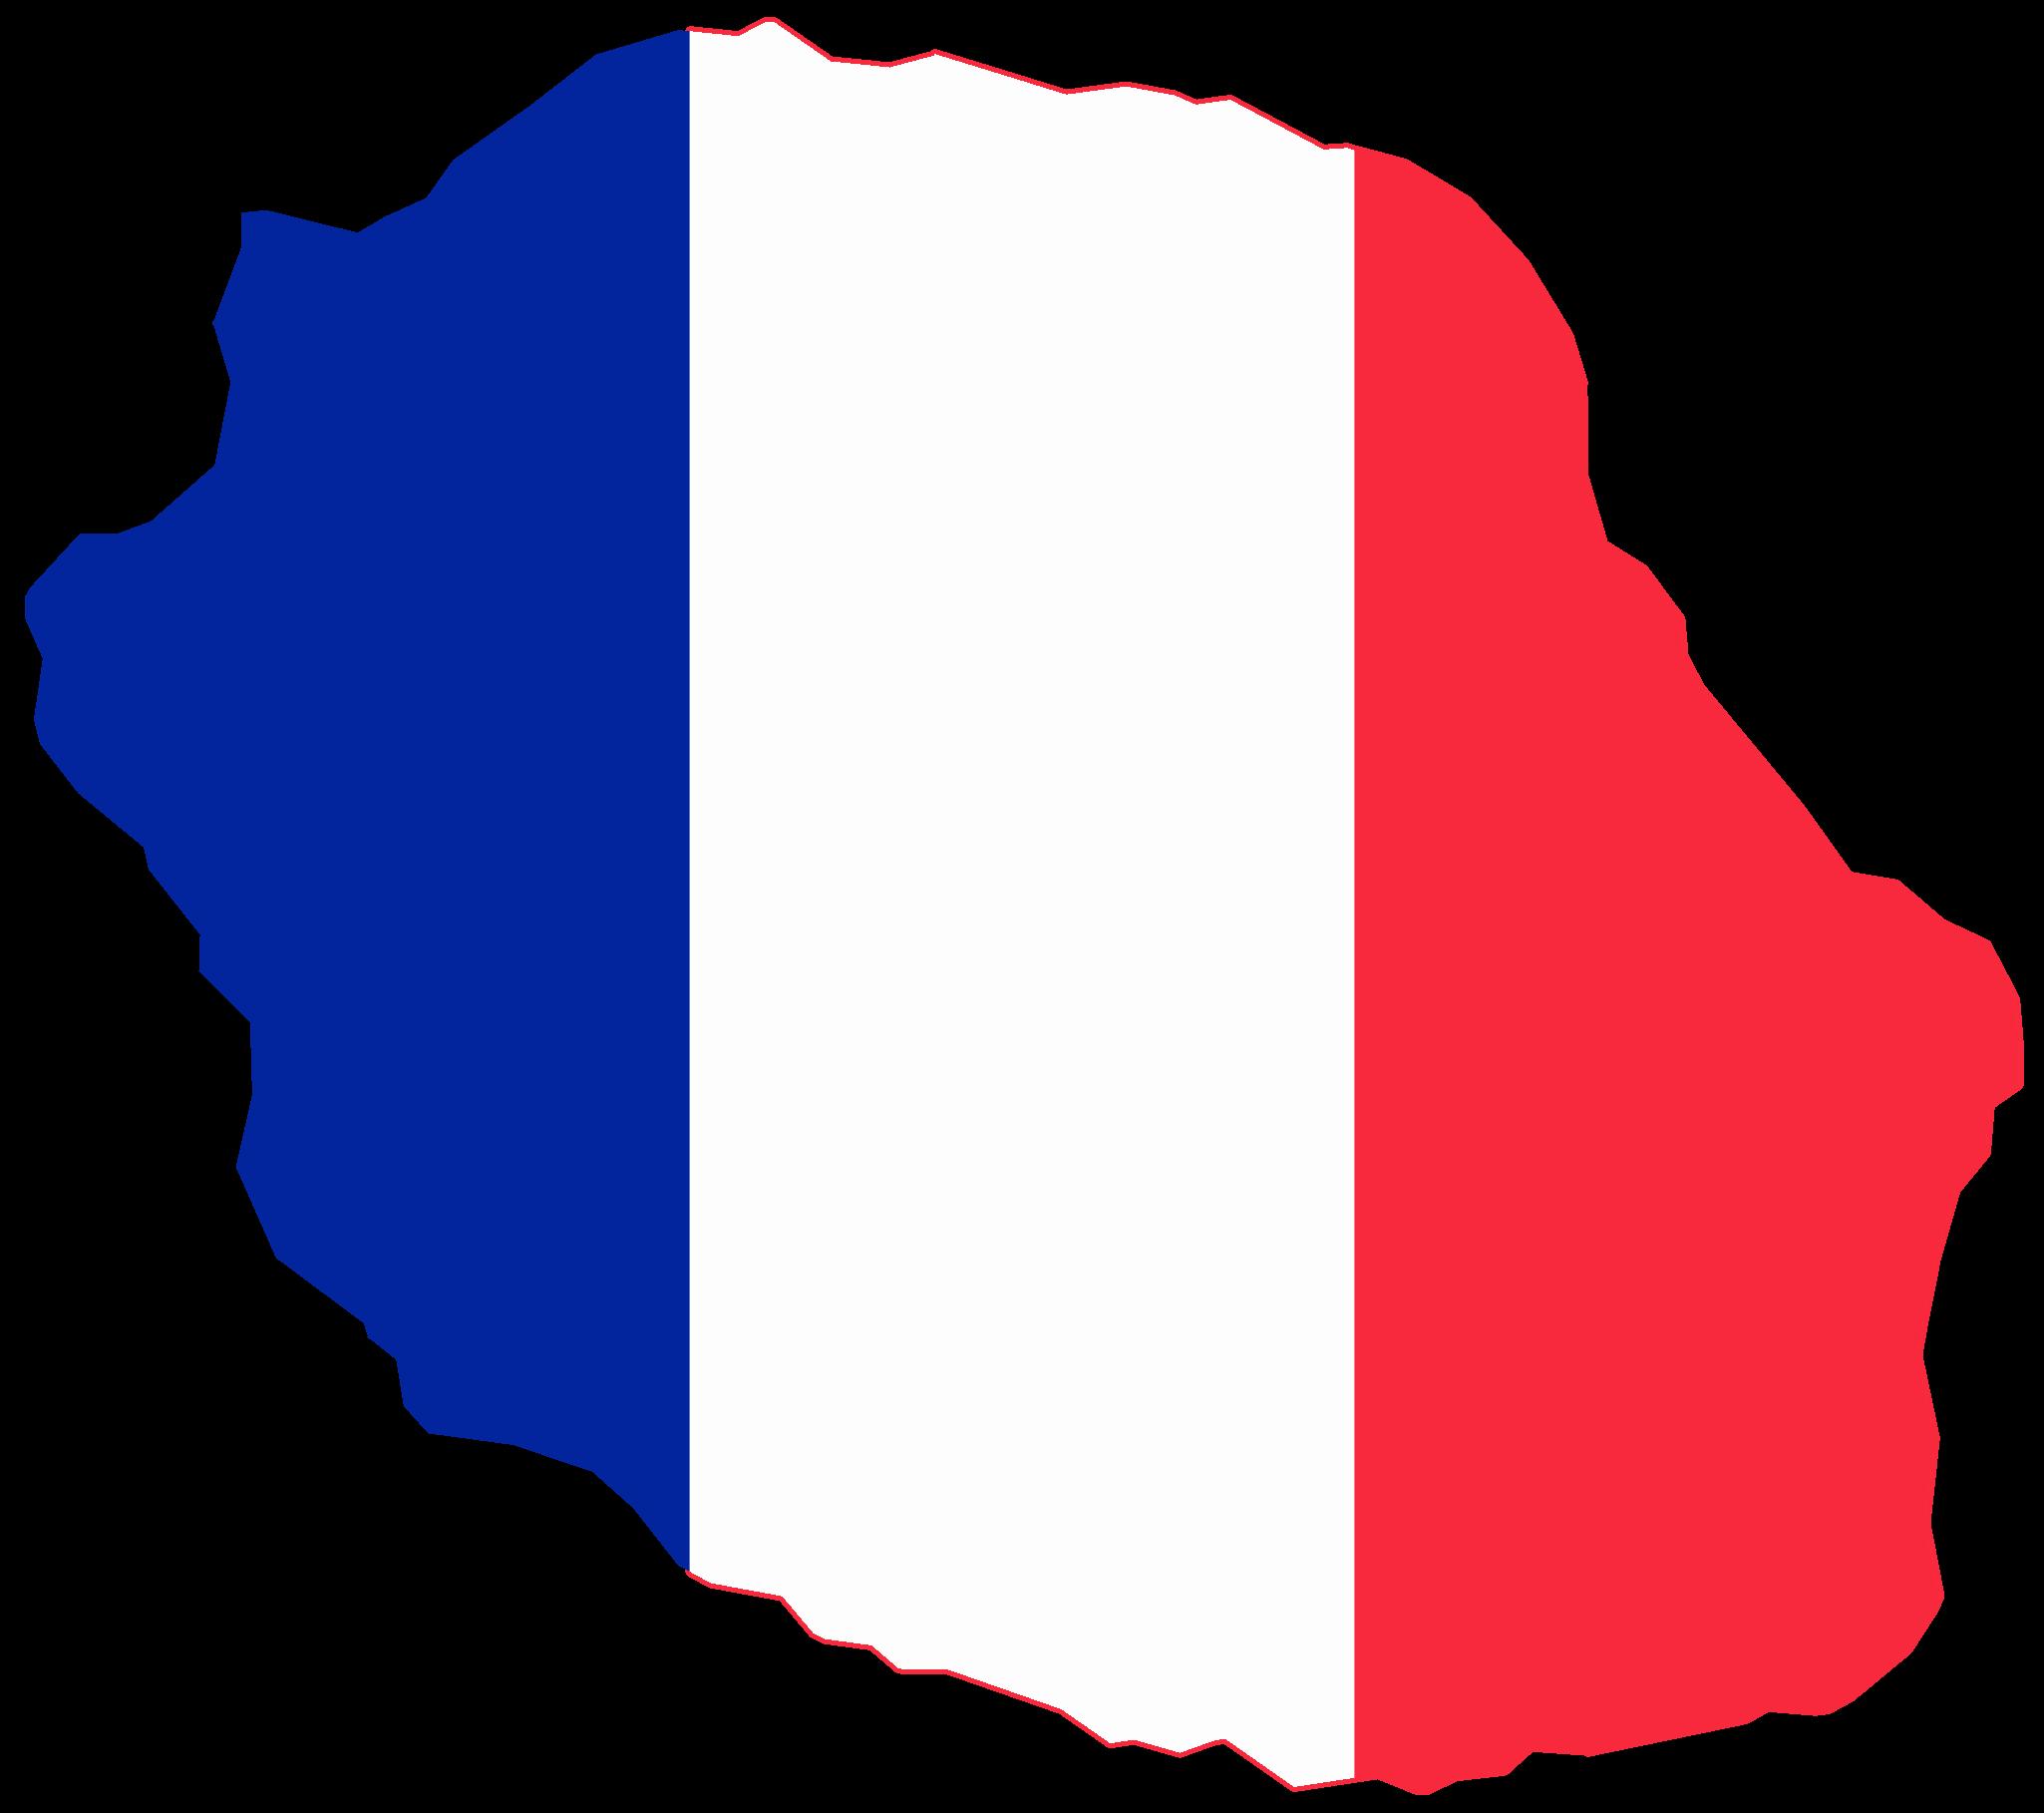 France Map Png.France Png Transparent France Png Images Pluspng